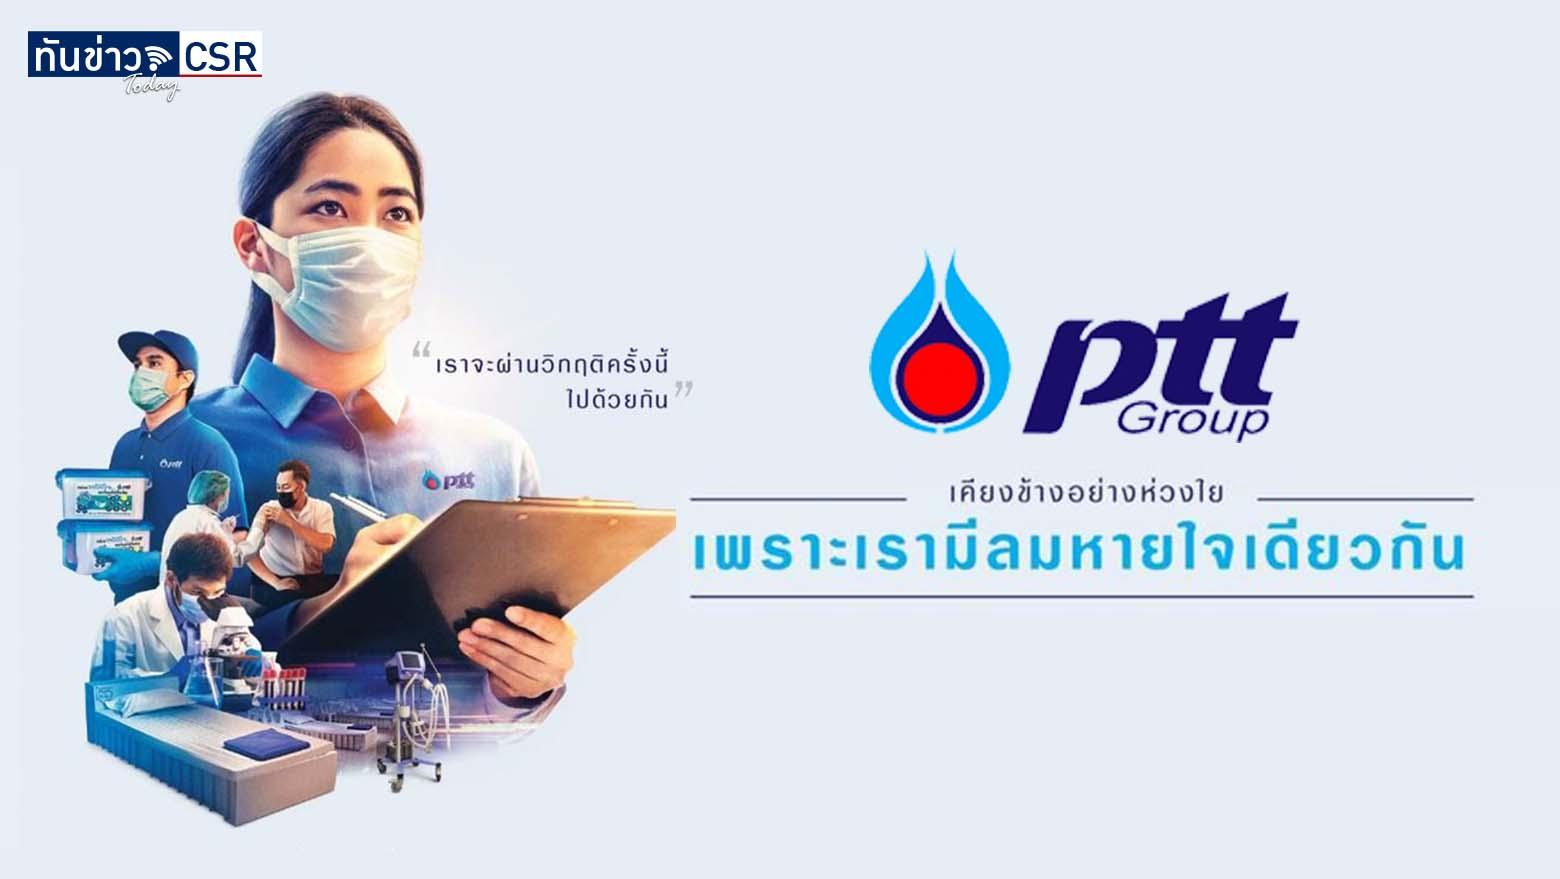 กลุ่ม ปตท. เคียงข้างสังคมไทย ด้วยลมหายใจเดียวกัน